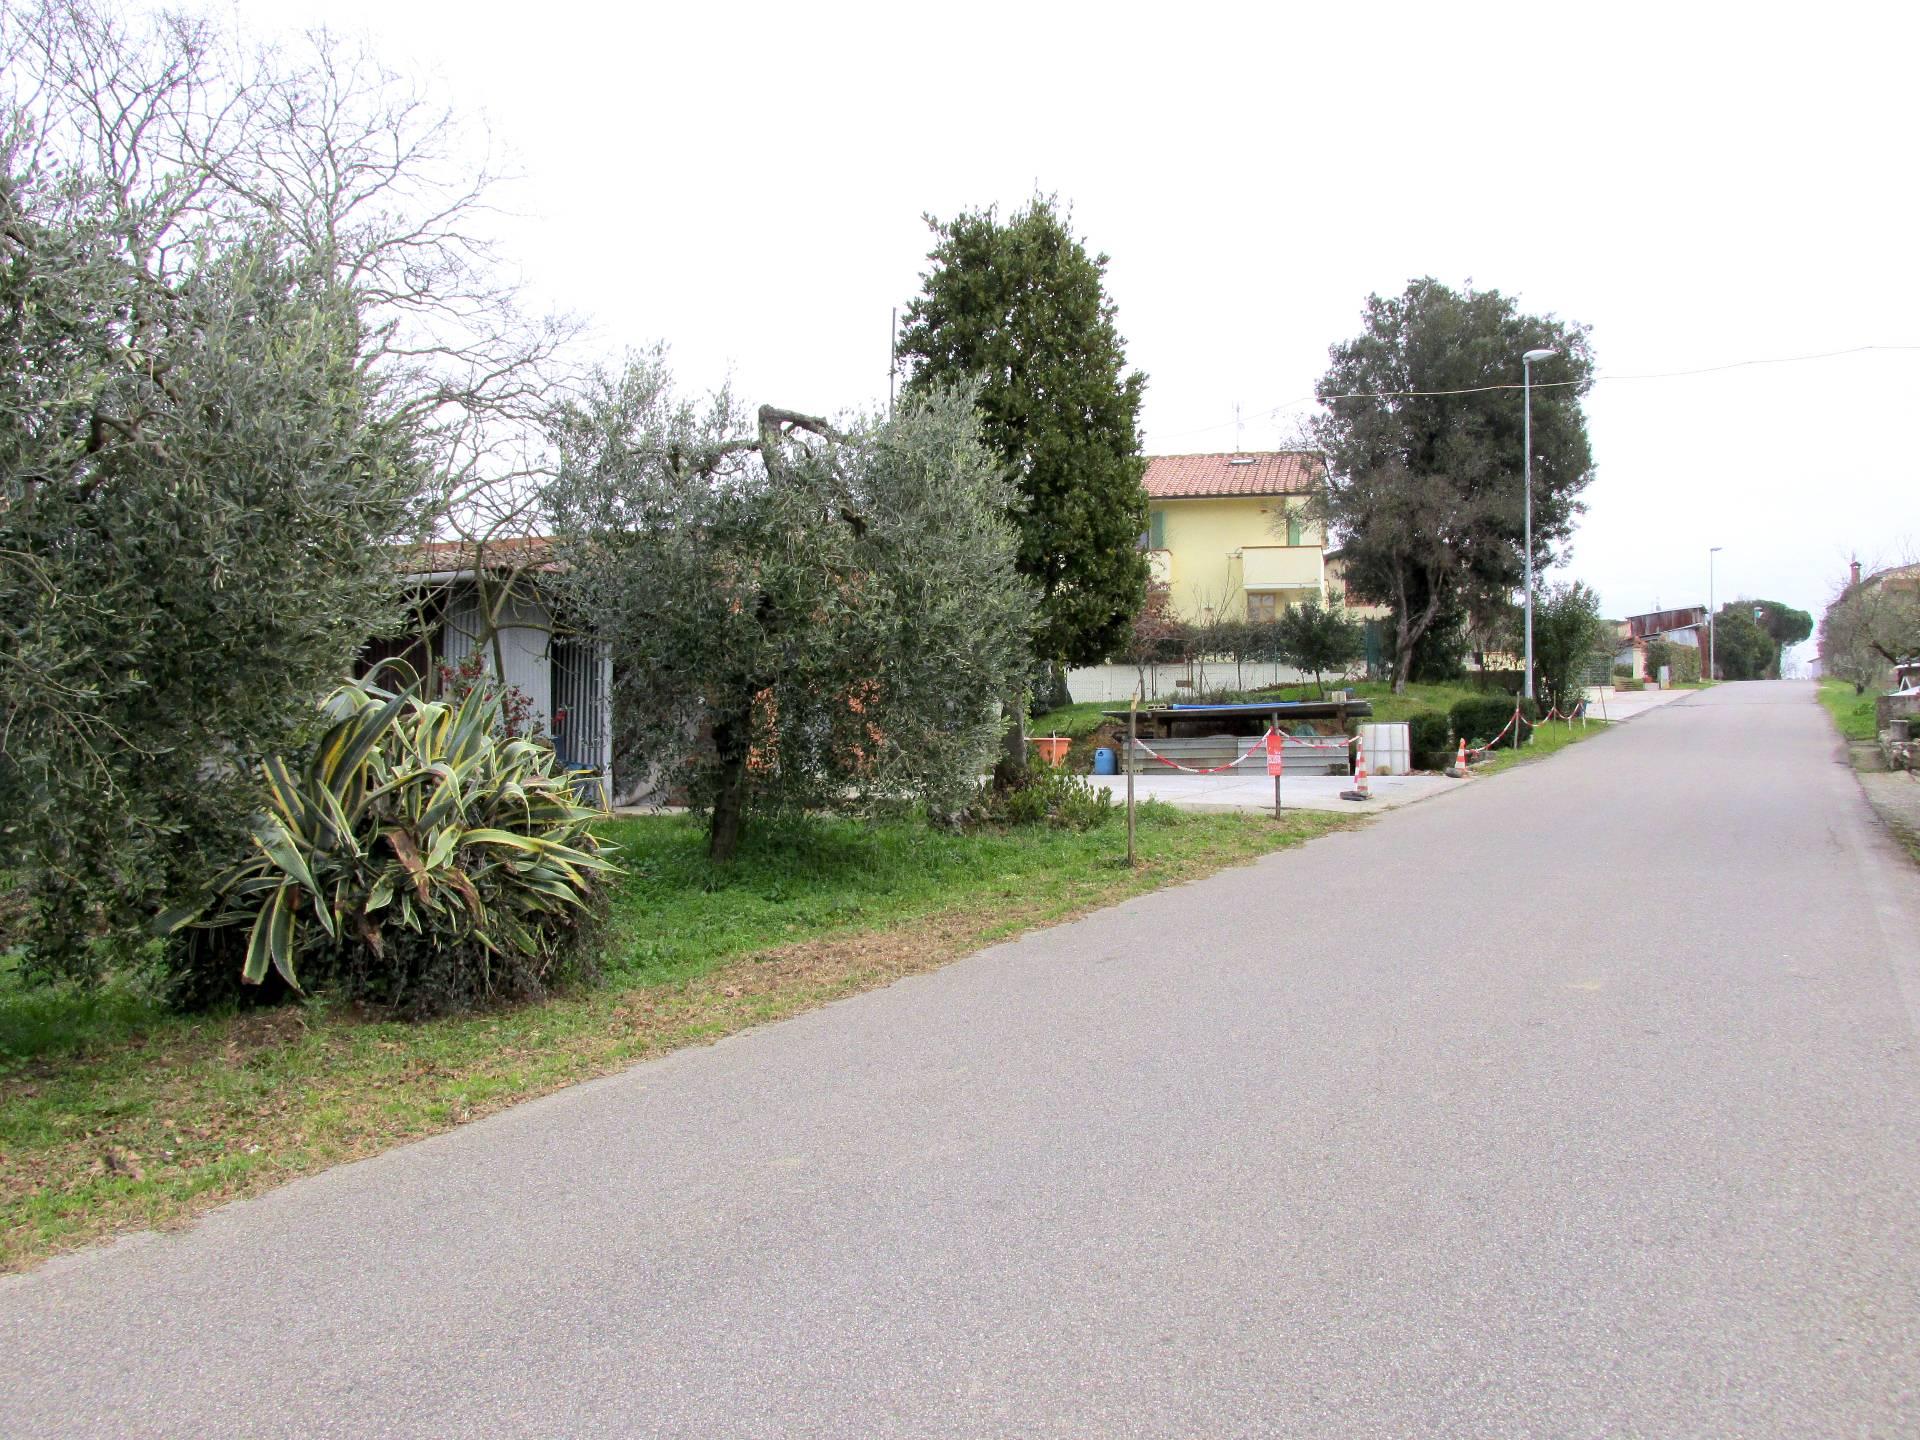 Terreno Edificabile Residenziale in vendita a Santa Maria a Monte, 9999 locali, zona Zona: Pregiuntino, Trattative riservate | CambioCasa.it